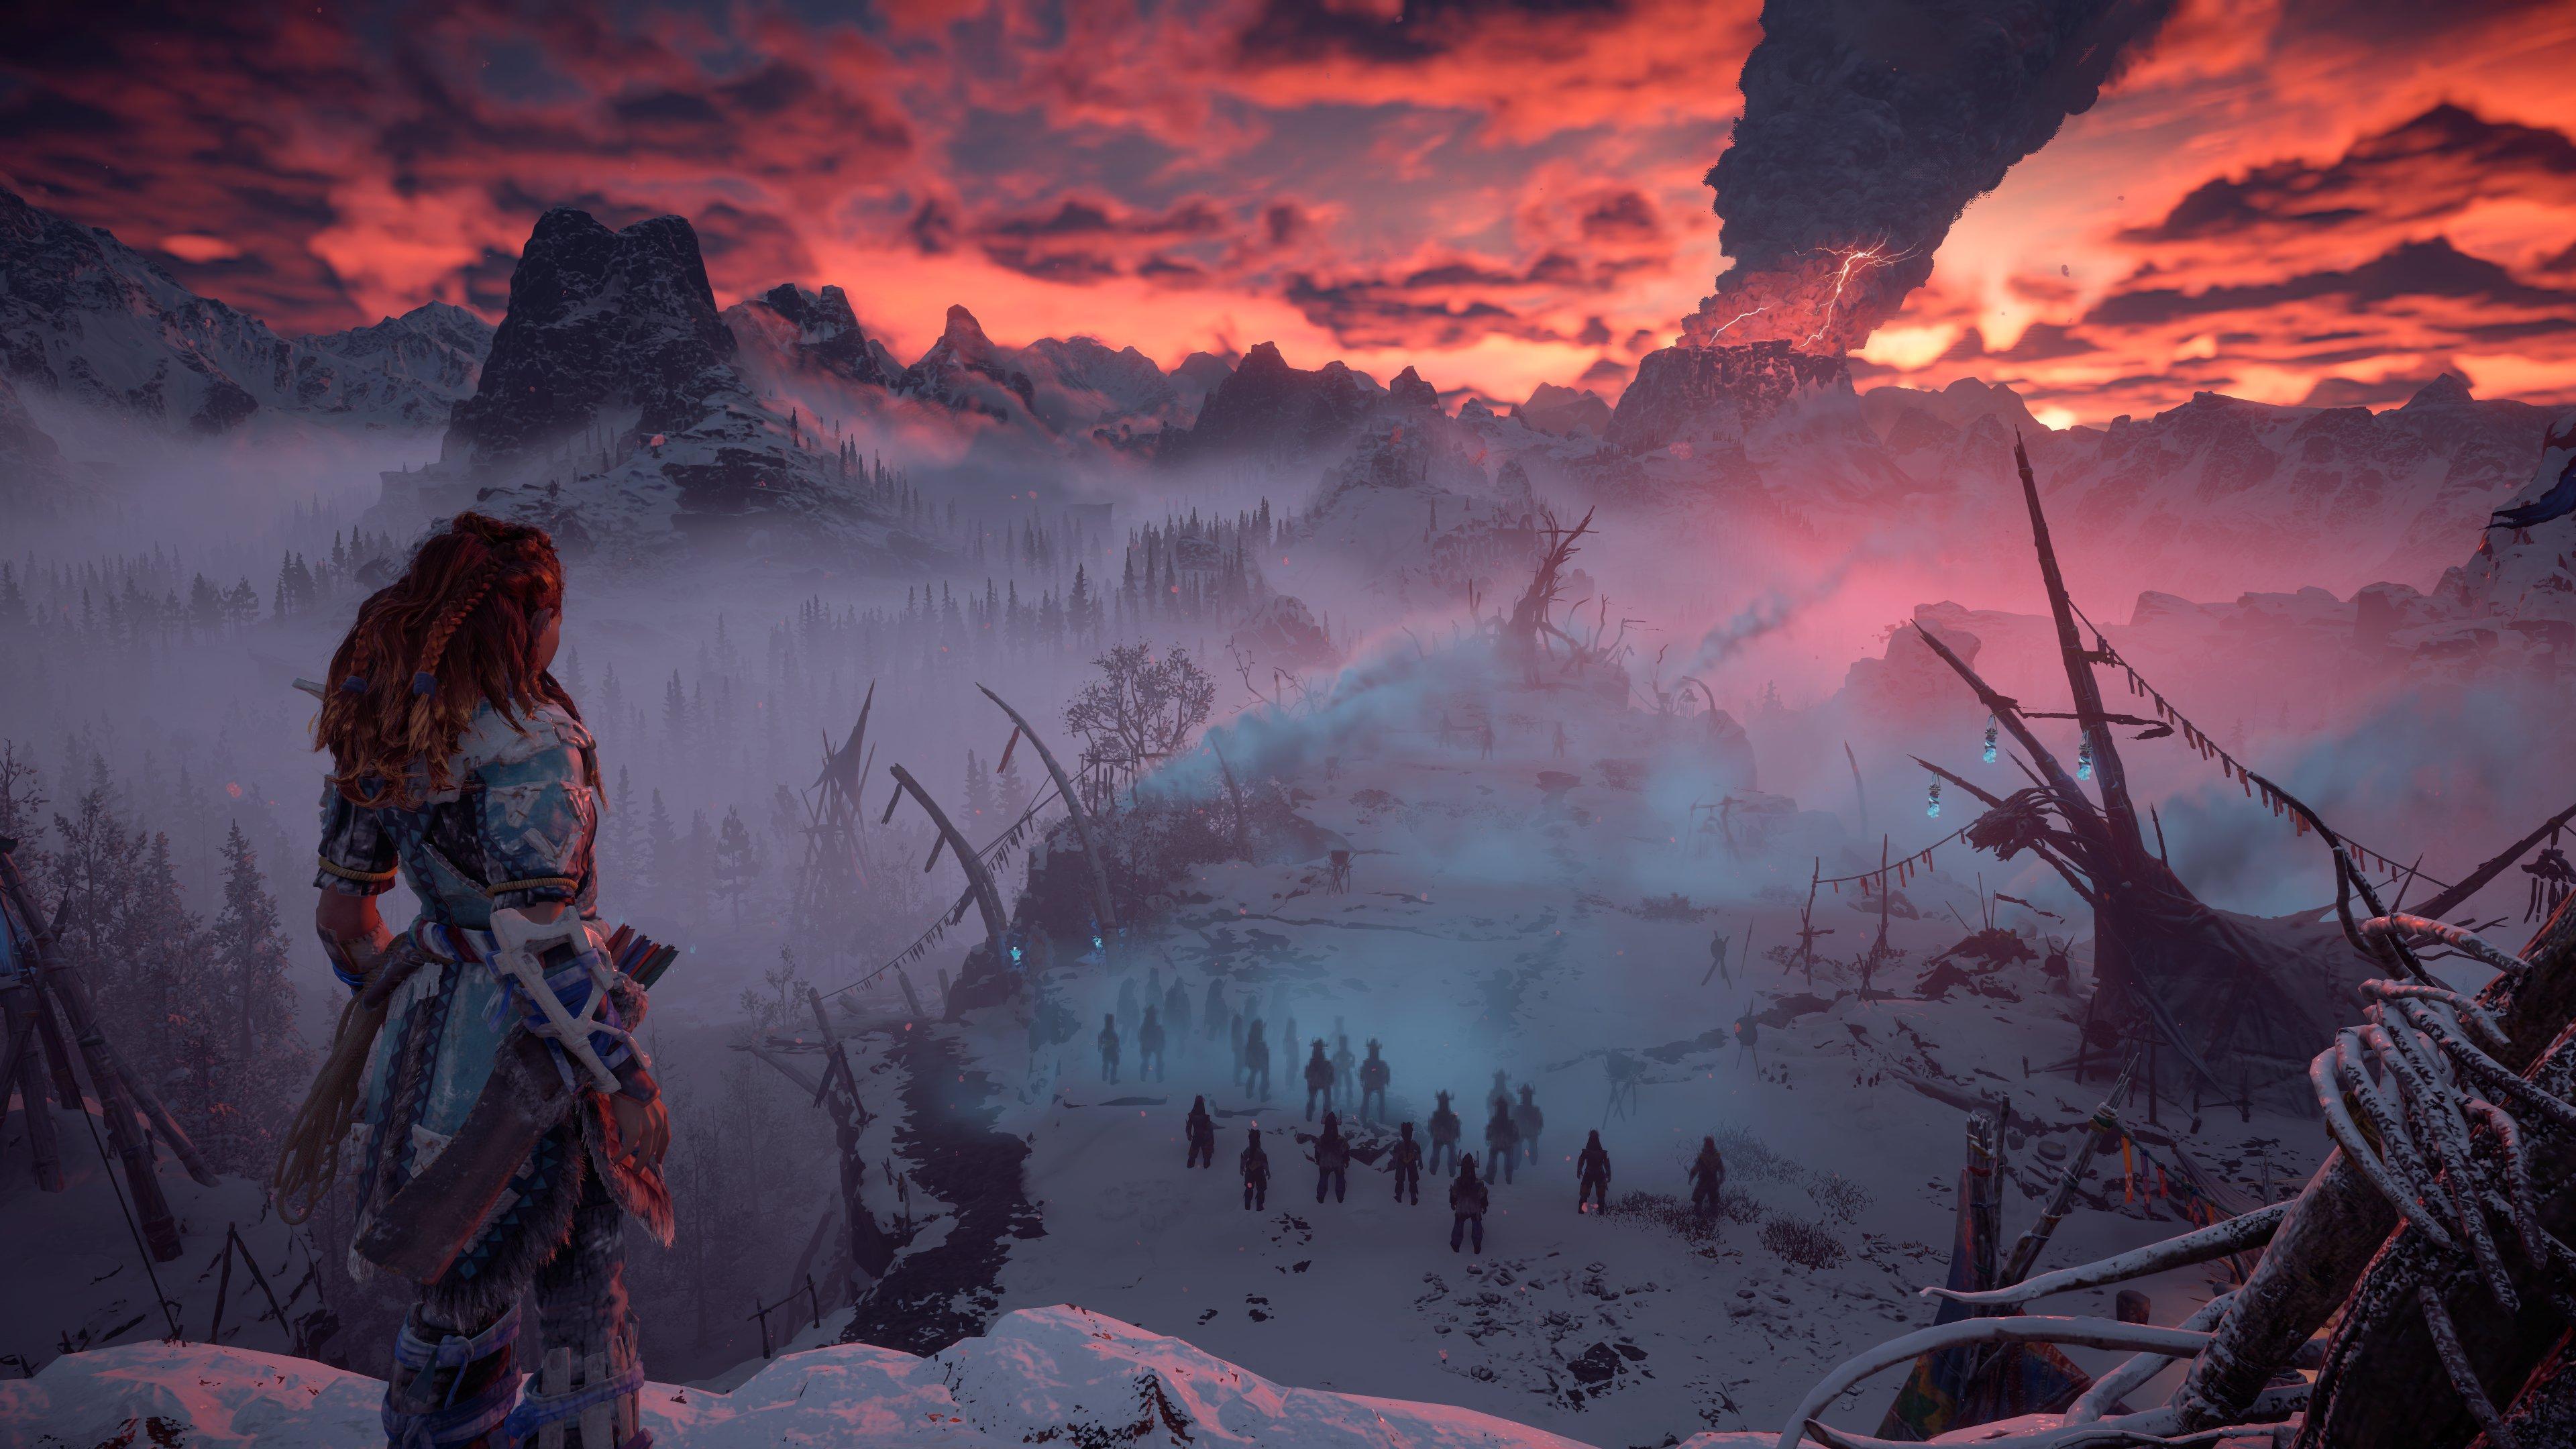 Zero Dawn 'The Frozen Wilds' s'offre une vidéo de gameplay — Horizon